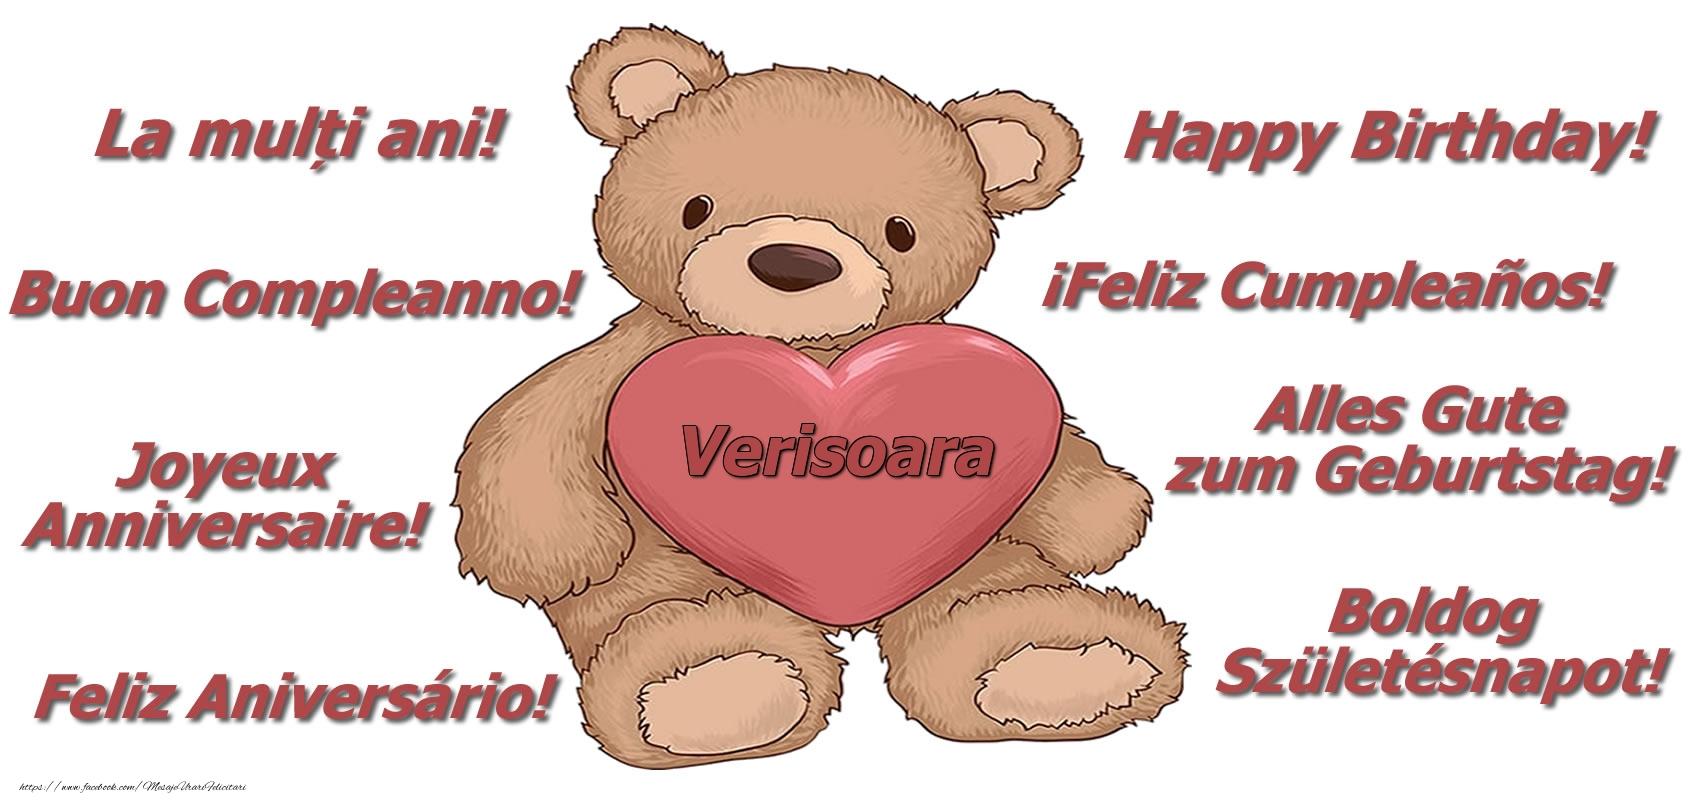 Felicitari frumoase de zi de nastere pentru Verisoara   La multi ani verisoara! - Ursulet